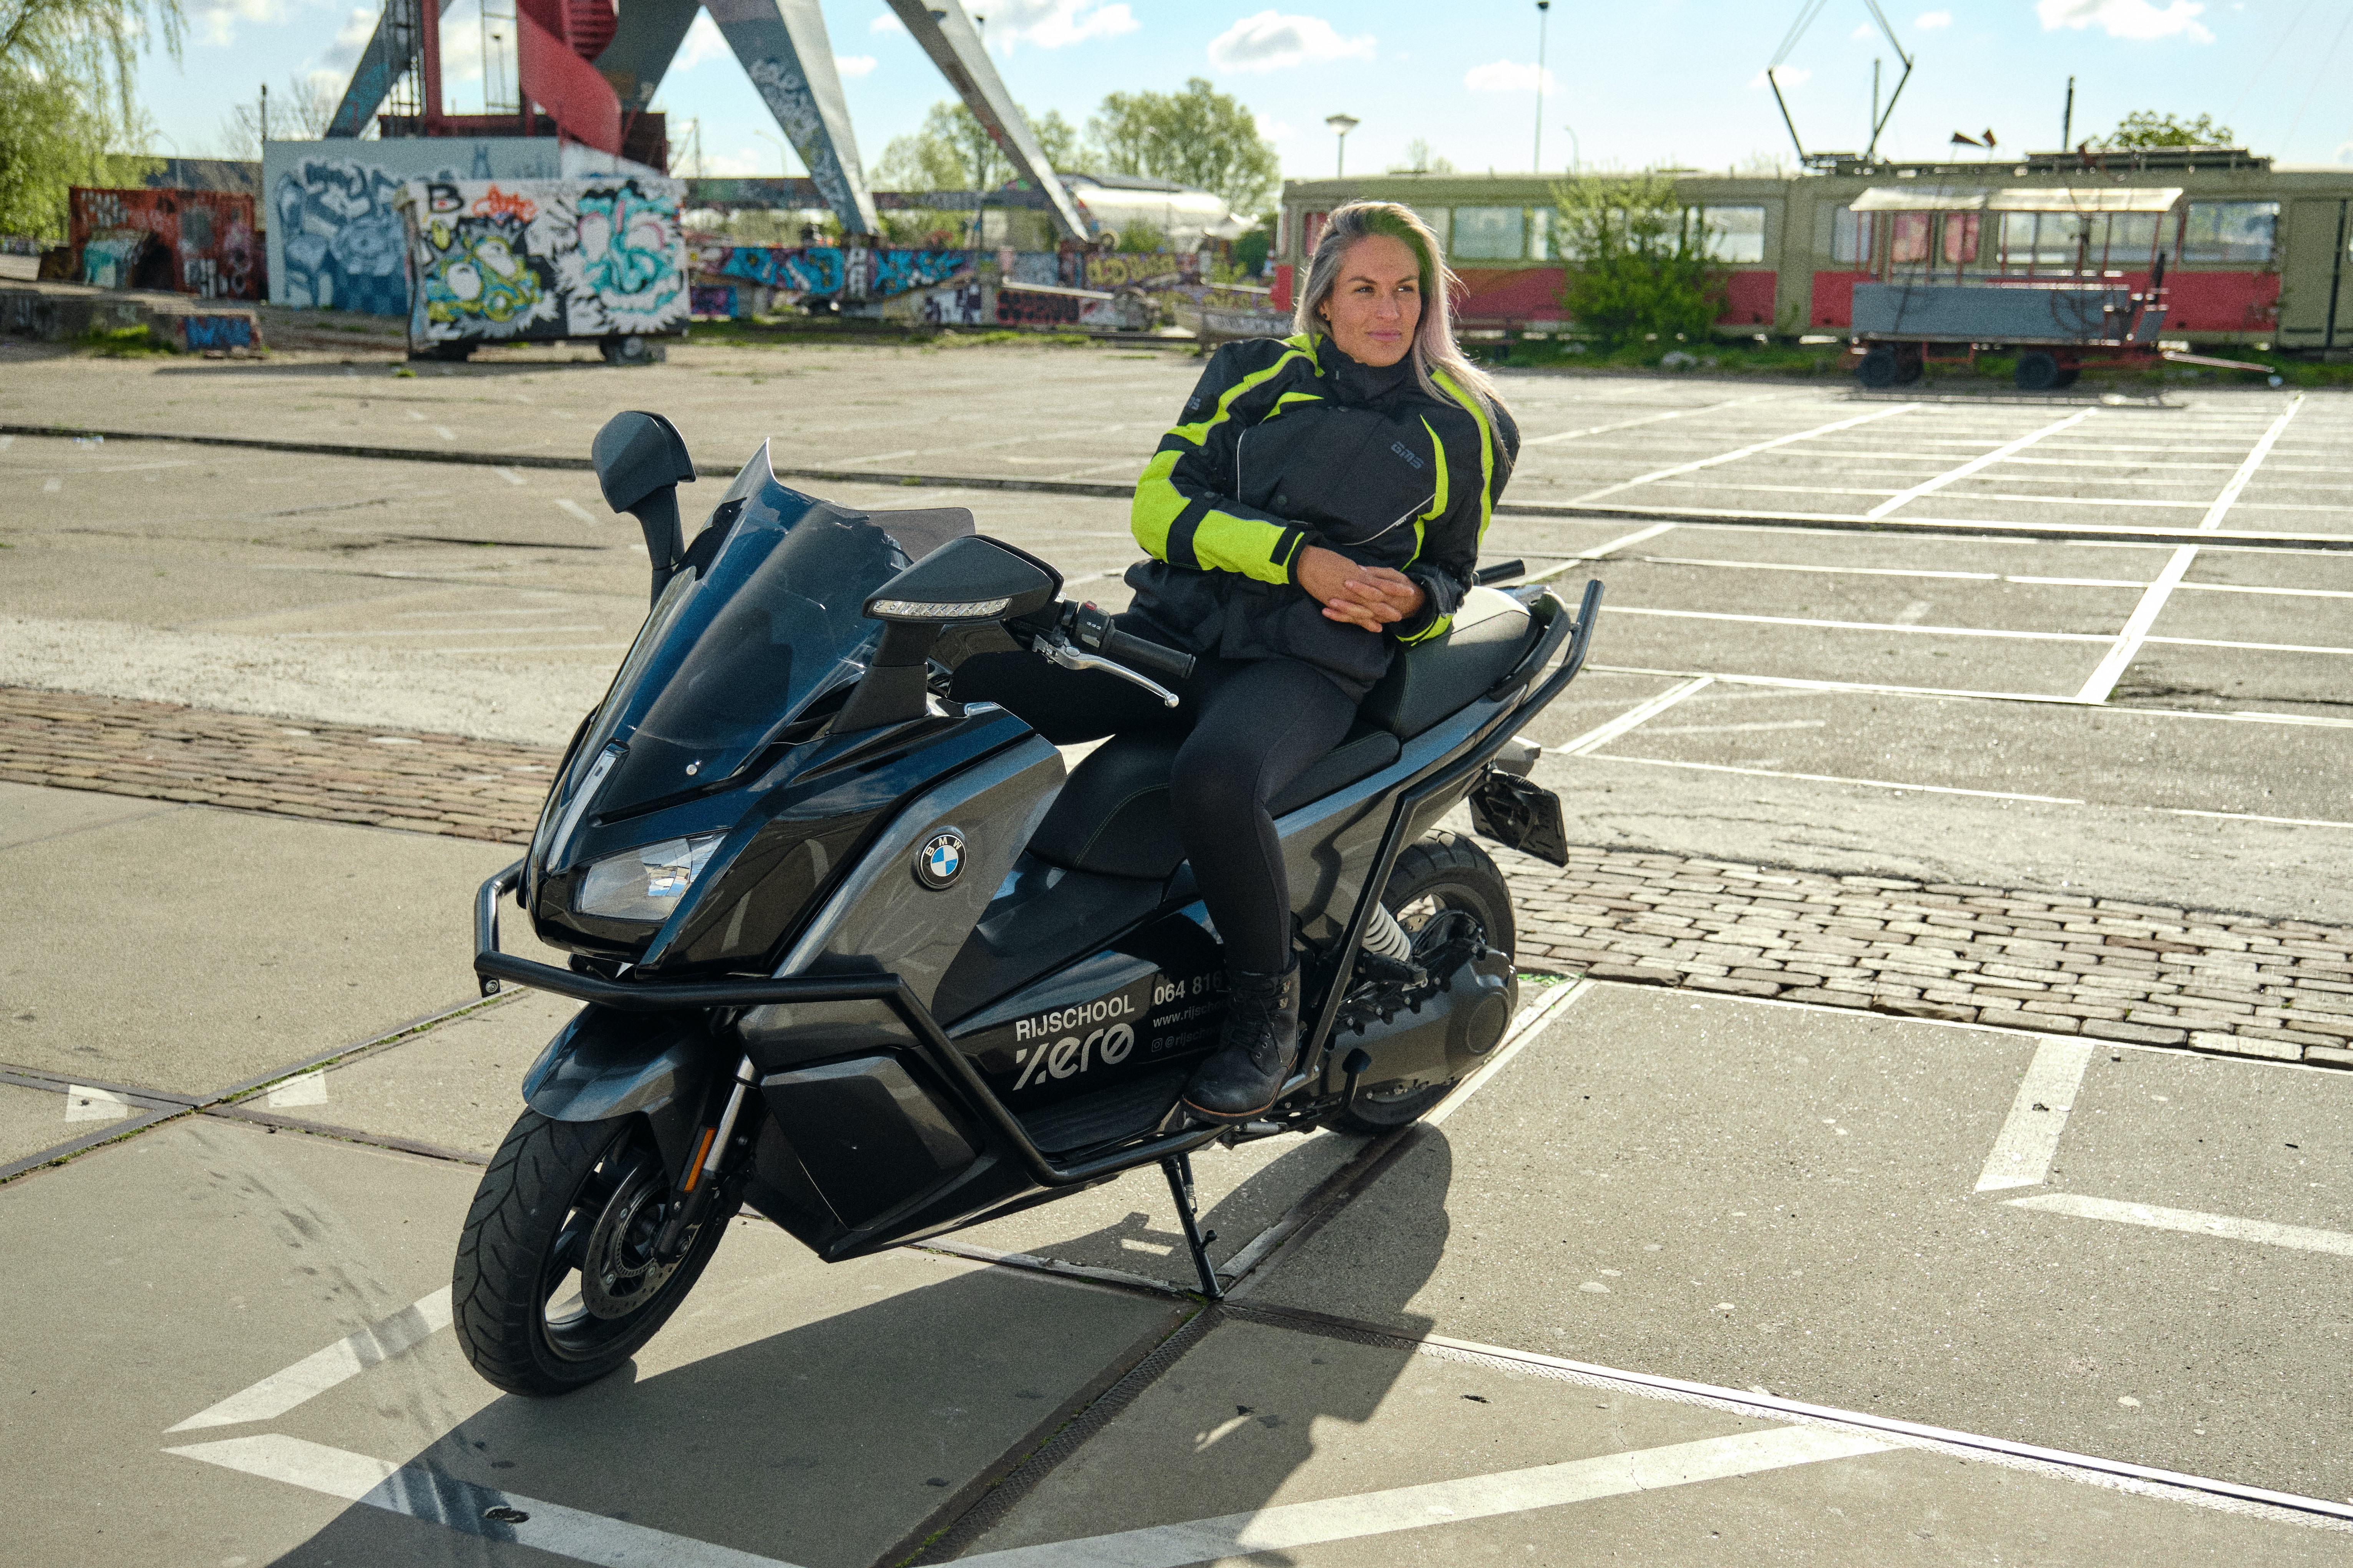 Motorscooter (A2)